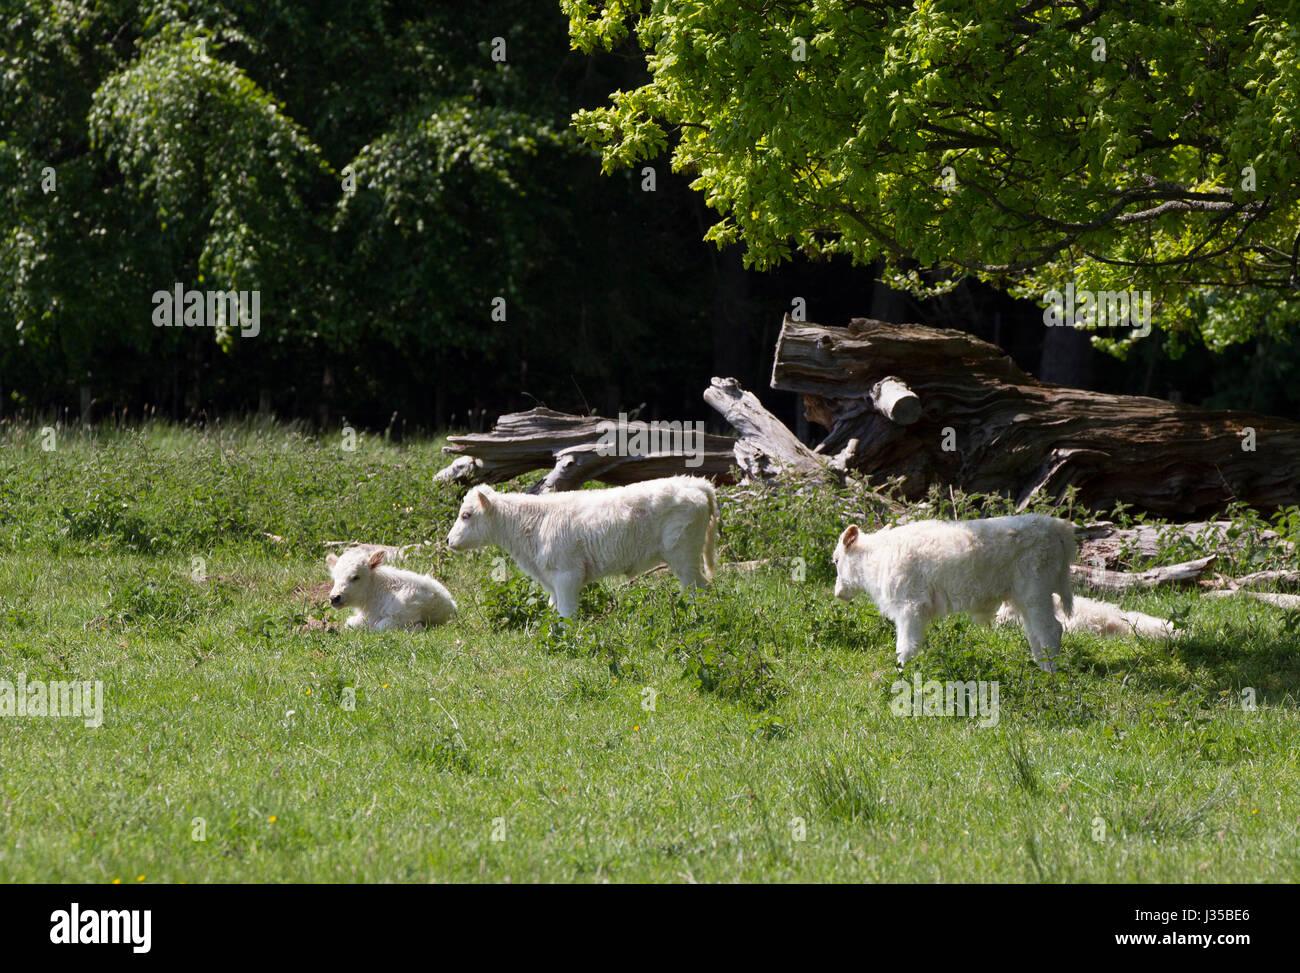 Chillingham Wild White Cattle, Calves resting under trees. Chillingham Estate, Northumberland, UK. - Stock Image